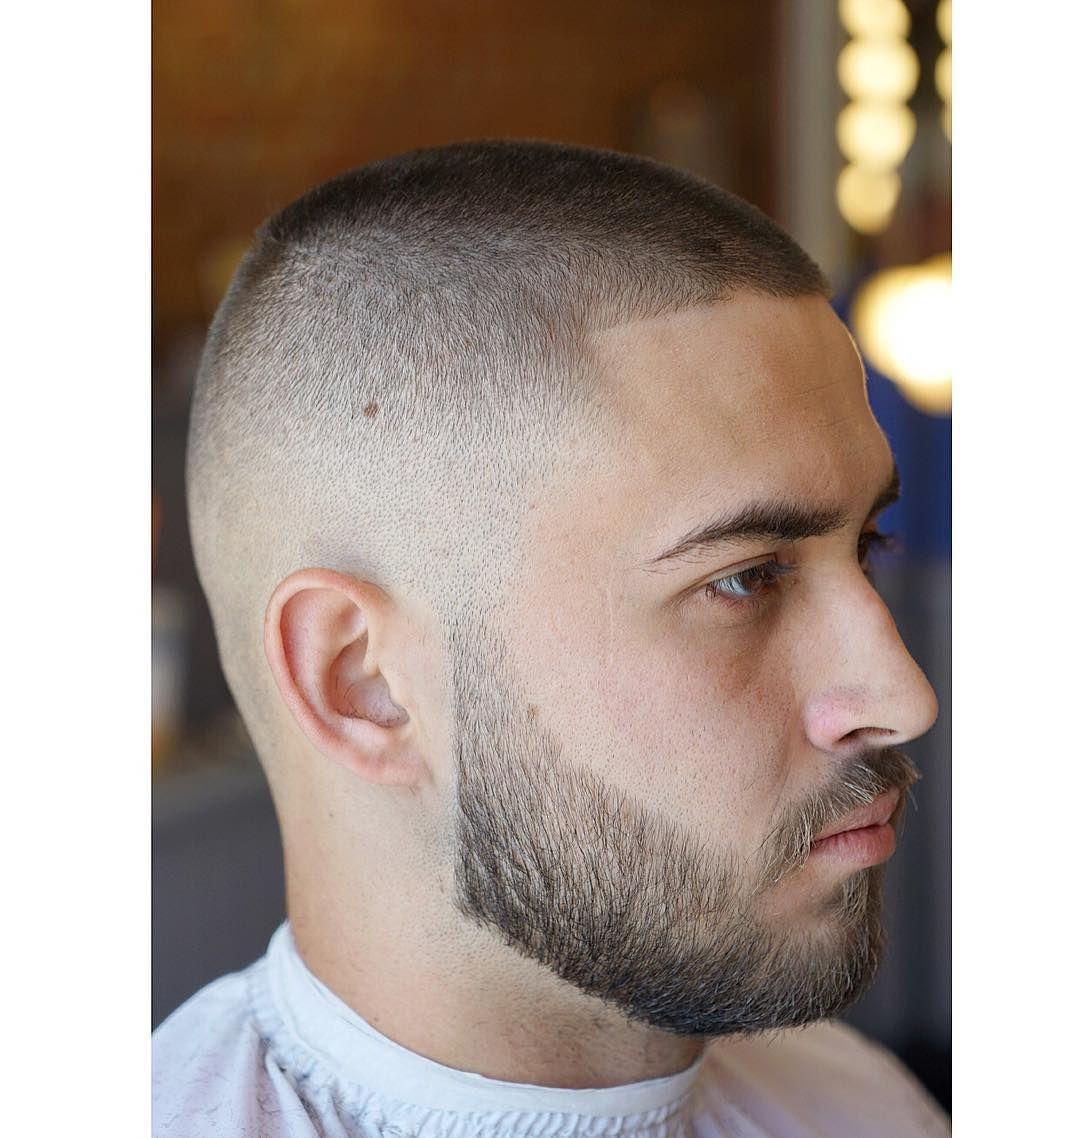 Clean Smooth Haircuts For Men Coiffure Et Beaute Coupe De Cheveux Coiffure